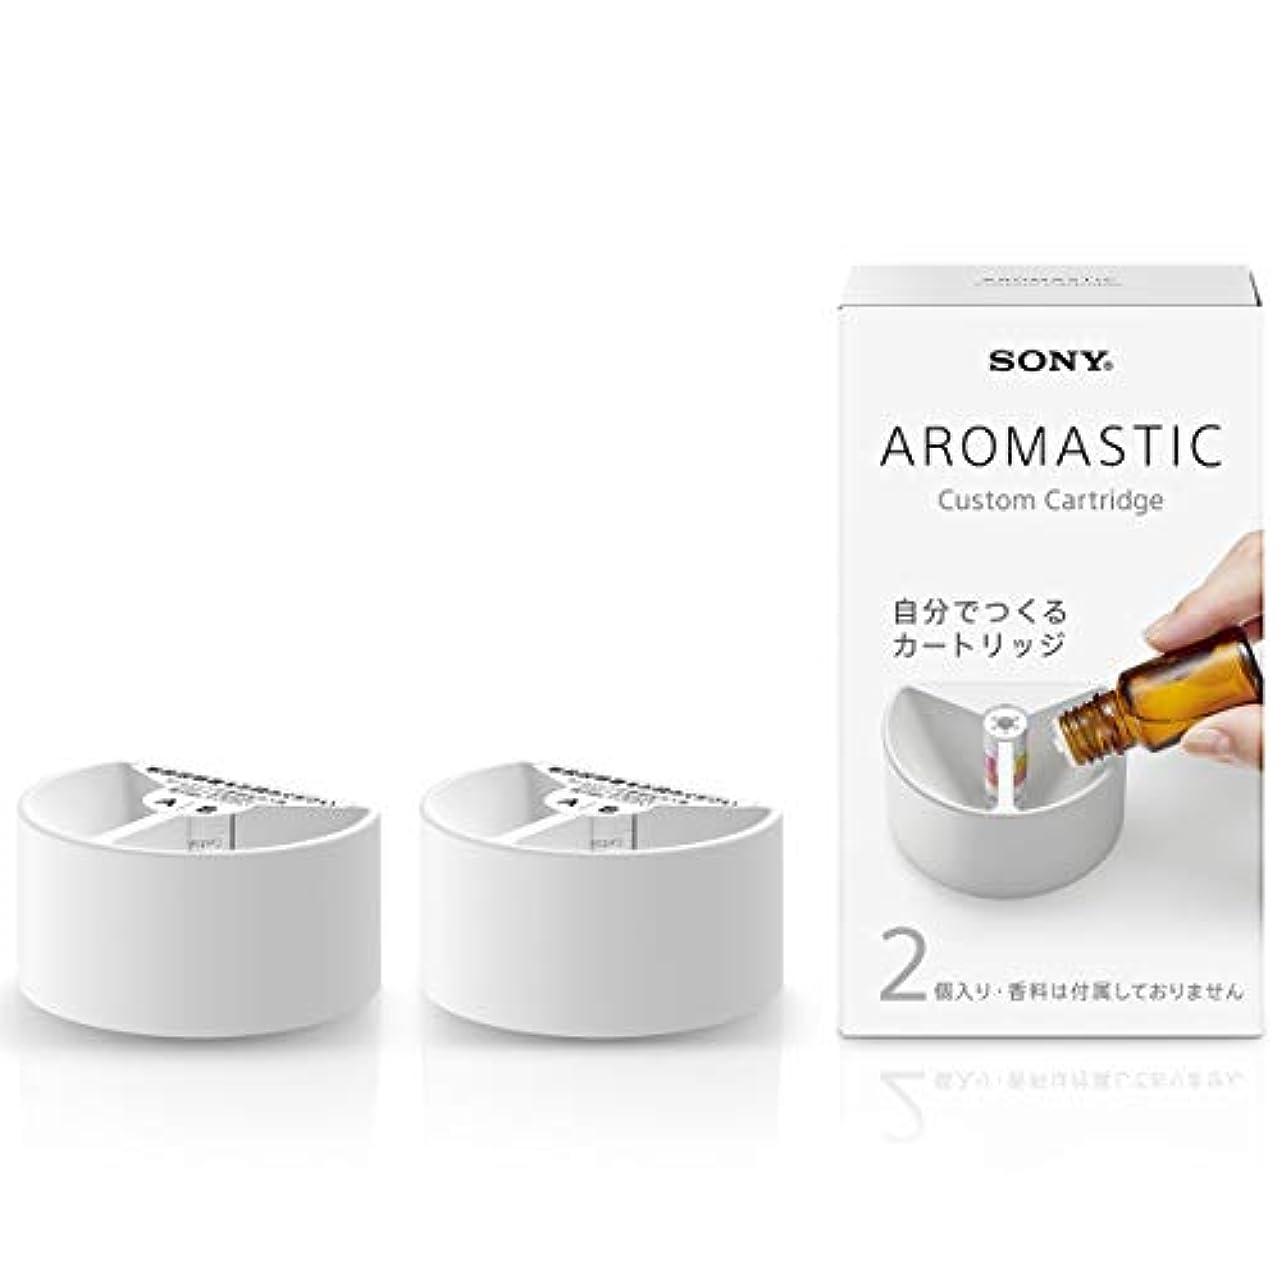 レンダープーノ愛するAROMASTIC Custom Cartridge(カスタムカートリッジ) OE-SC001